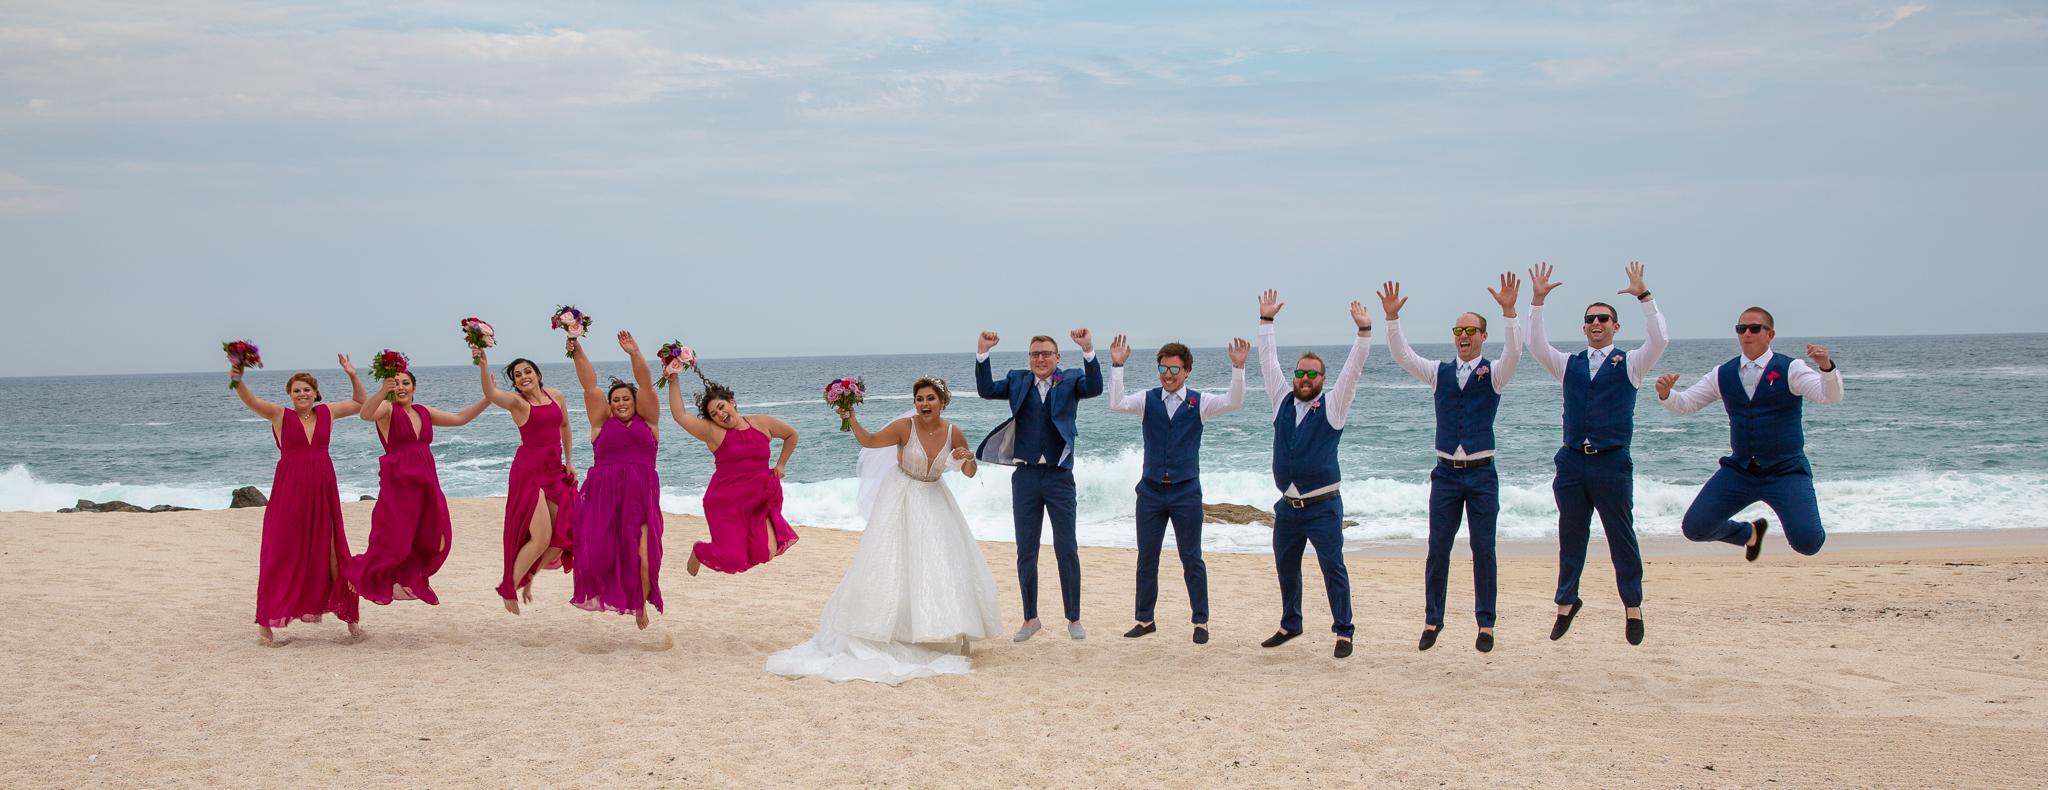 Adrienne and Elias Wedding 06.09.2018 web-16.jpg